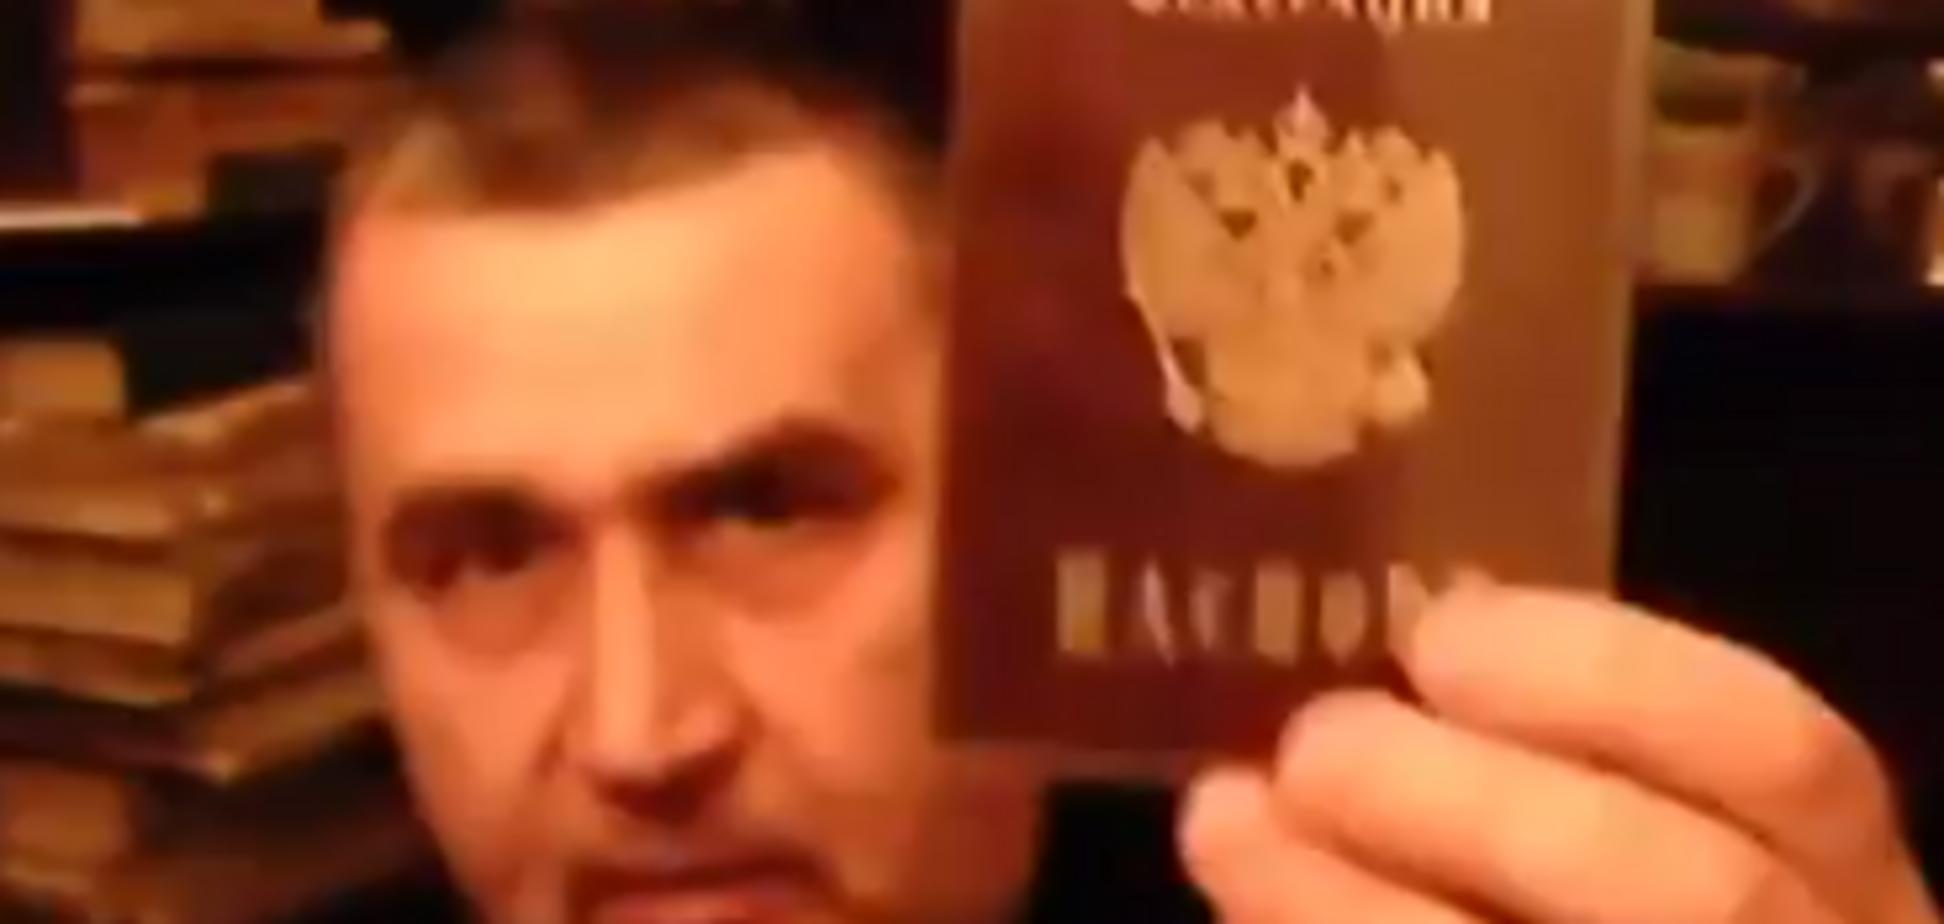 'Путіне, ти — гадюка!' Жителям 'Л/ДНР' розповіли про 'підставу' з паспортом Росії